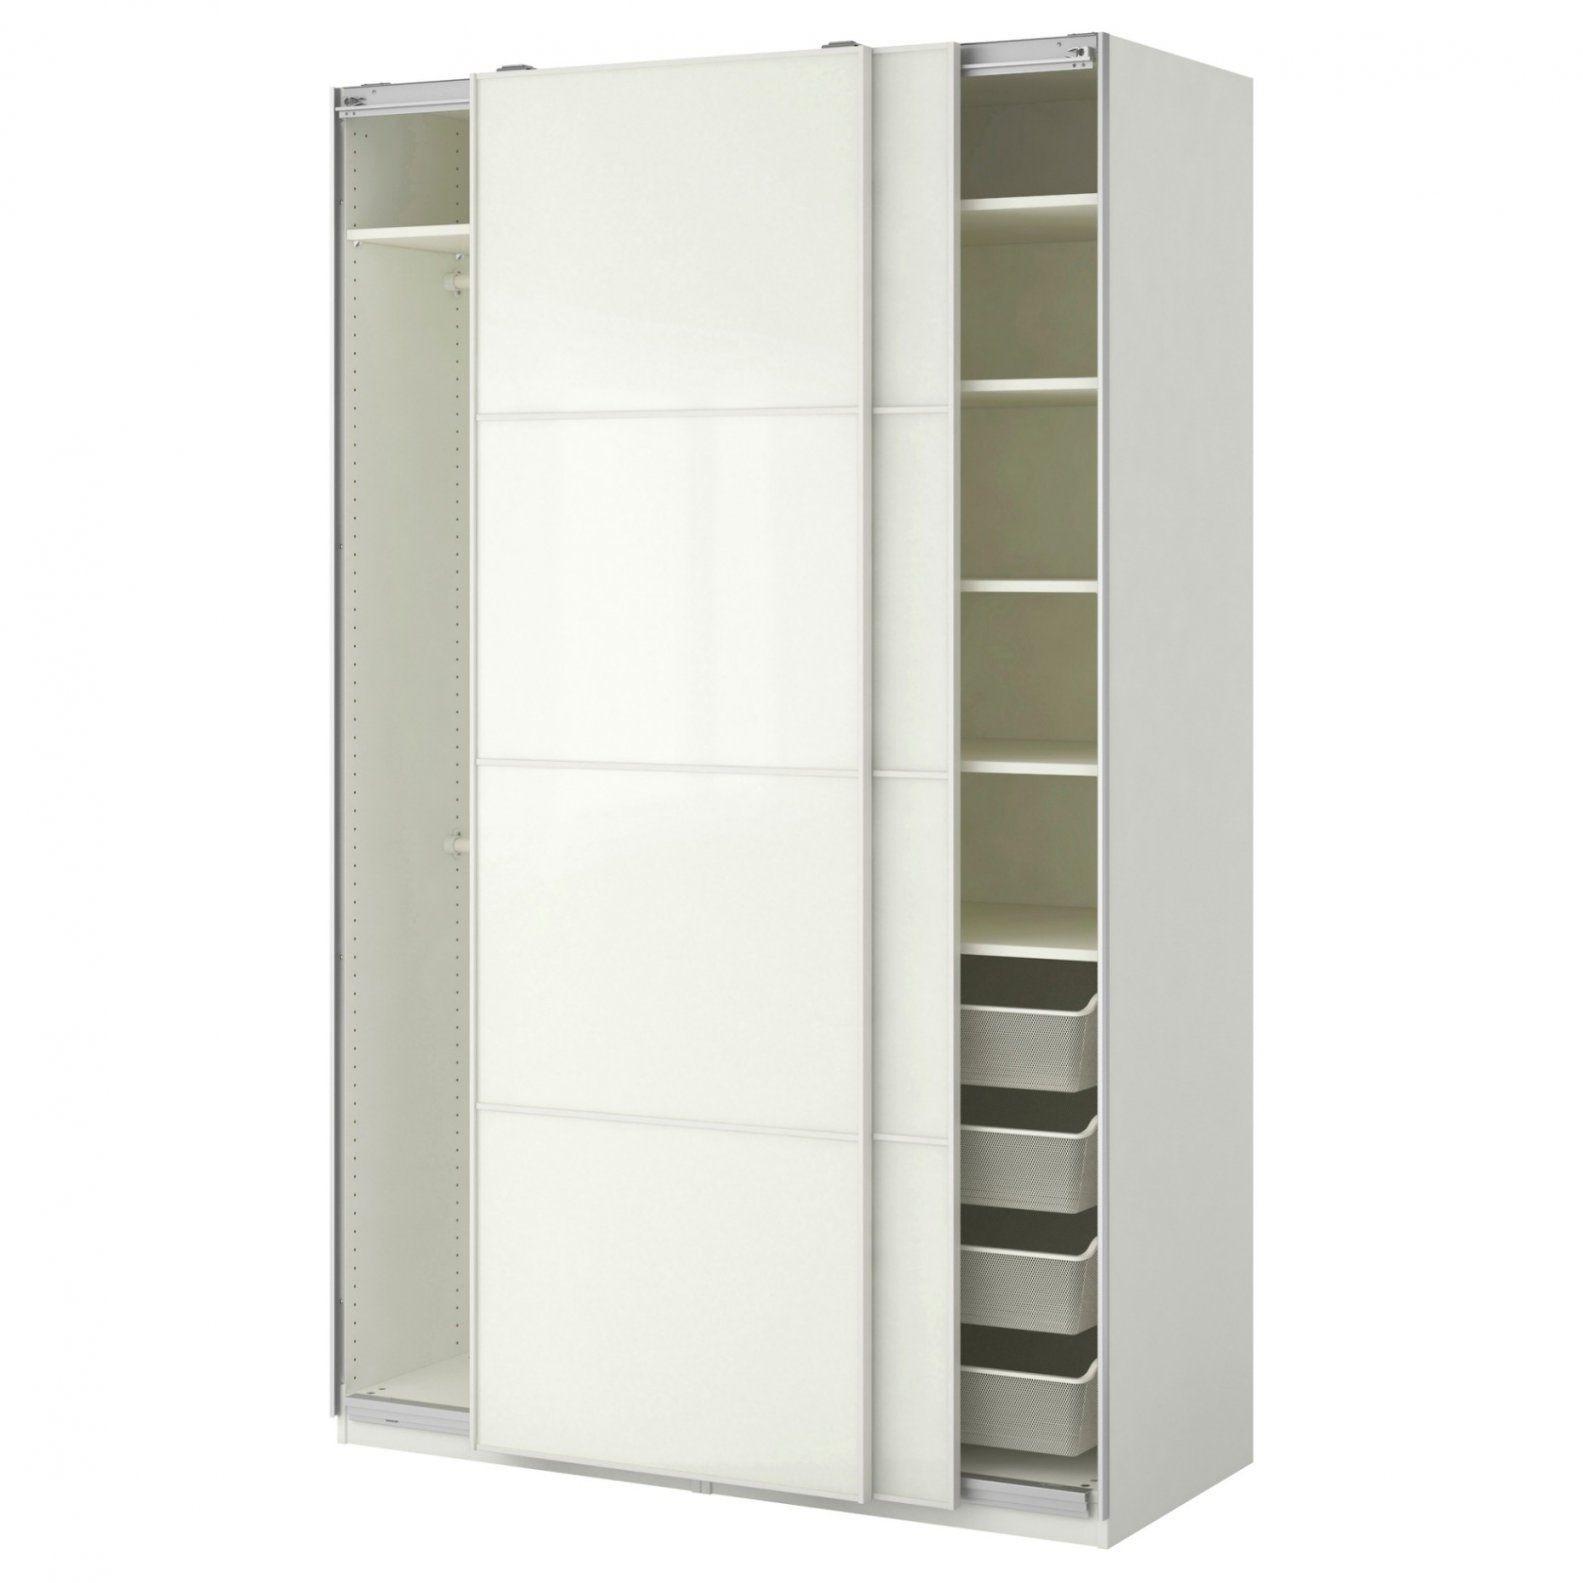 Luxuriös Möbel Kleiderschrank 90 Cm Breit Zum Kleiderschrank 90 Cm von Schrank 90 Cm Breit Bild